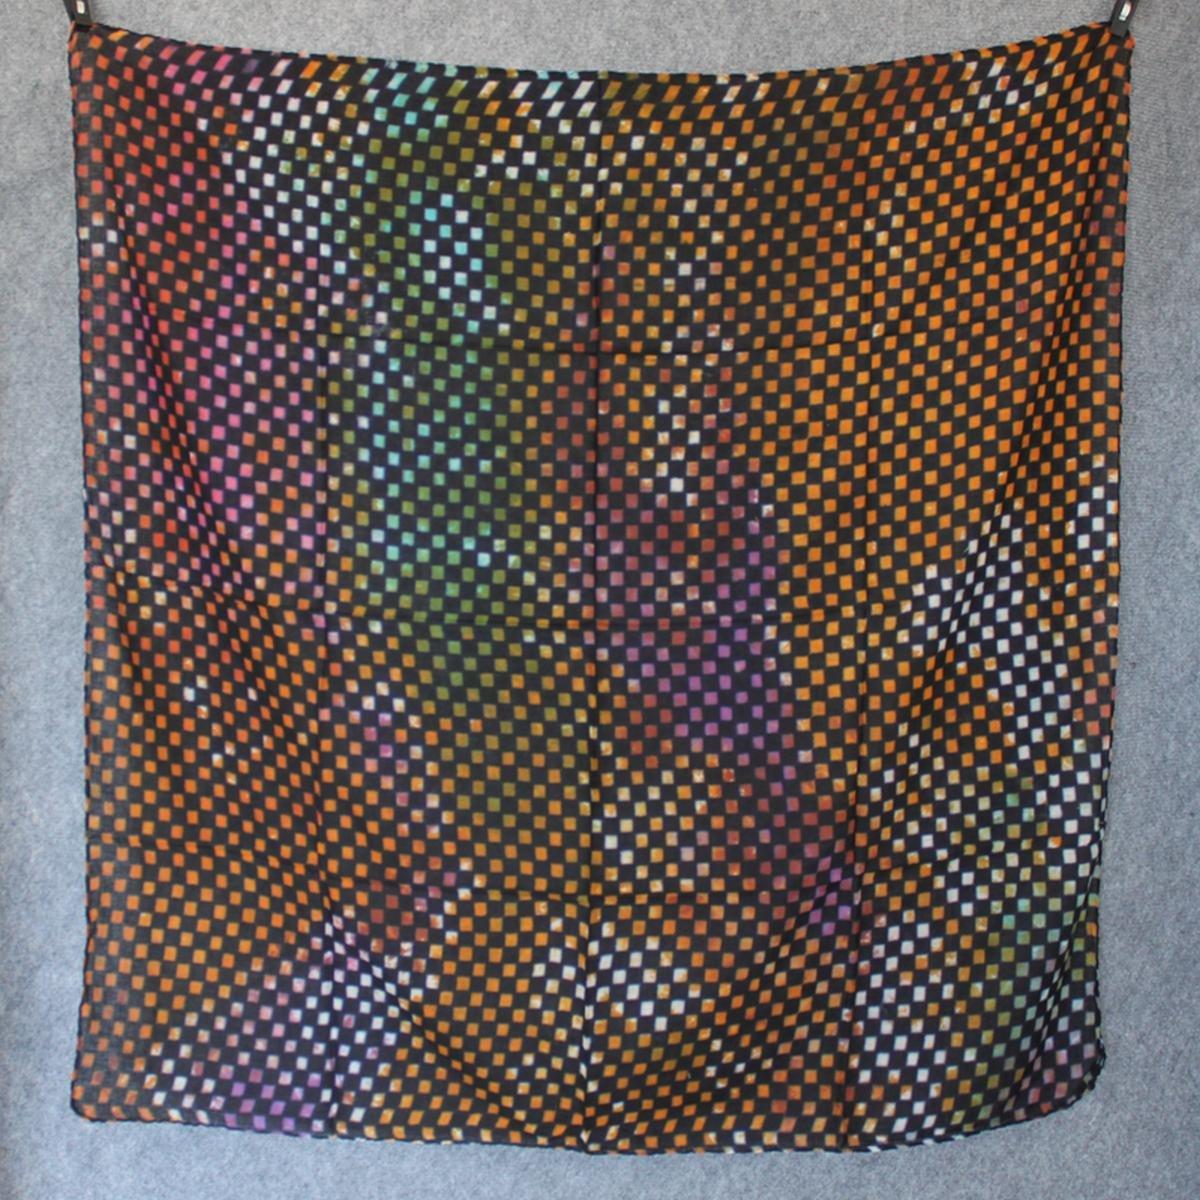 Superfreak/® Baumwolltuch Karo Muster /°Tuch/°Schal/°100x100 cm/°100/% Baumwolle /° alle Farben!!!